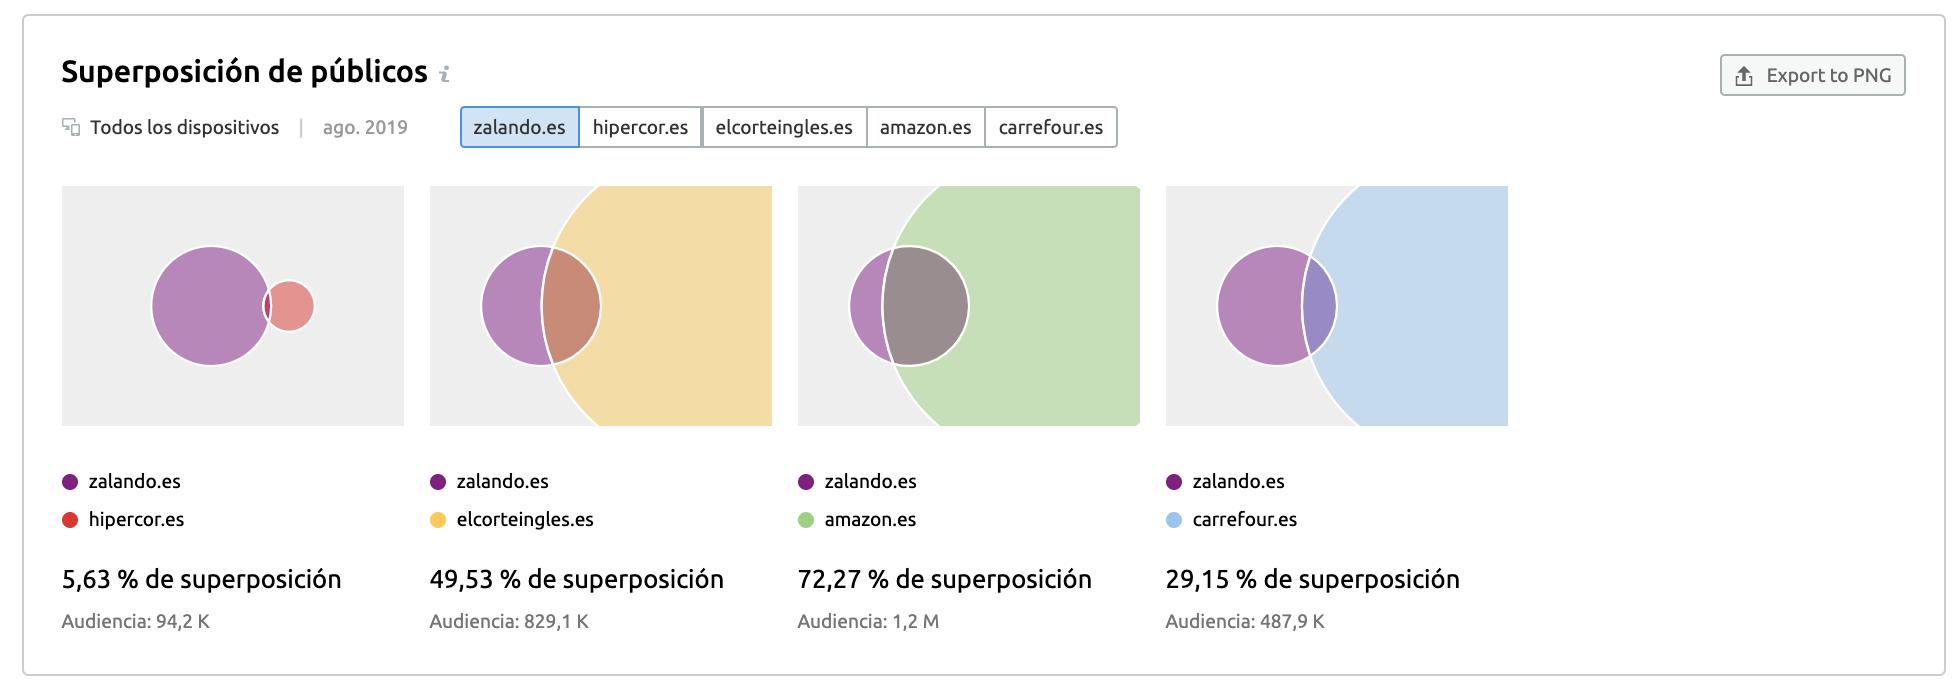 Buscar nuevos mercados - Audience overlap